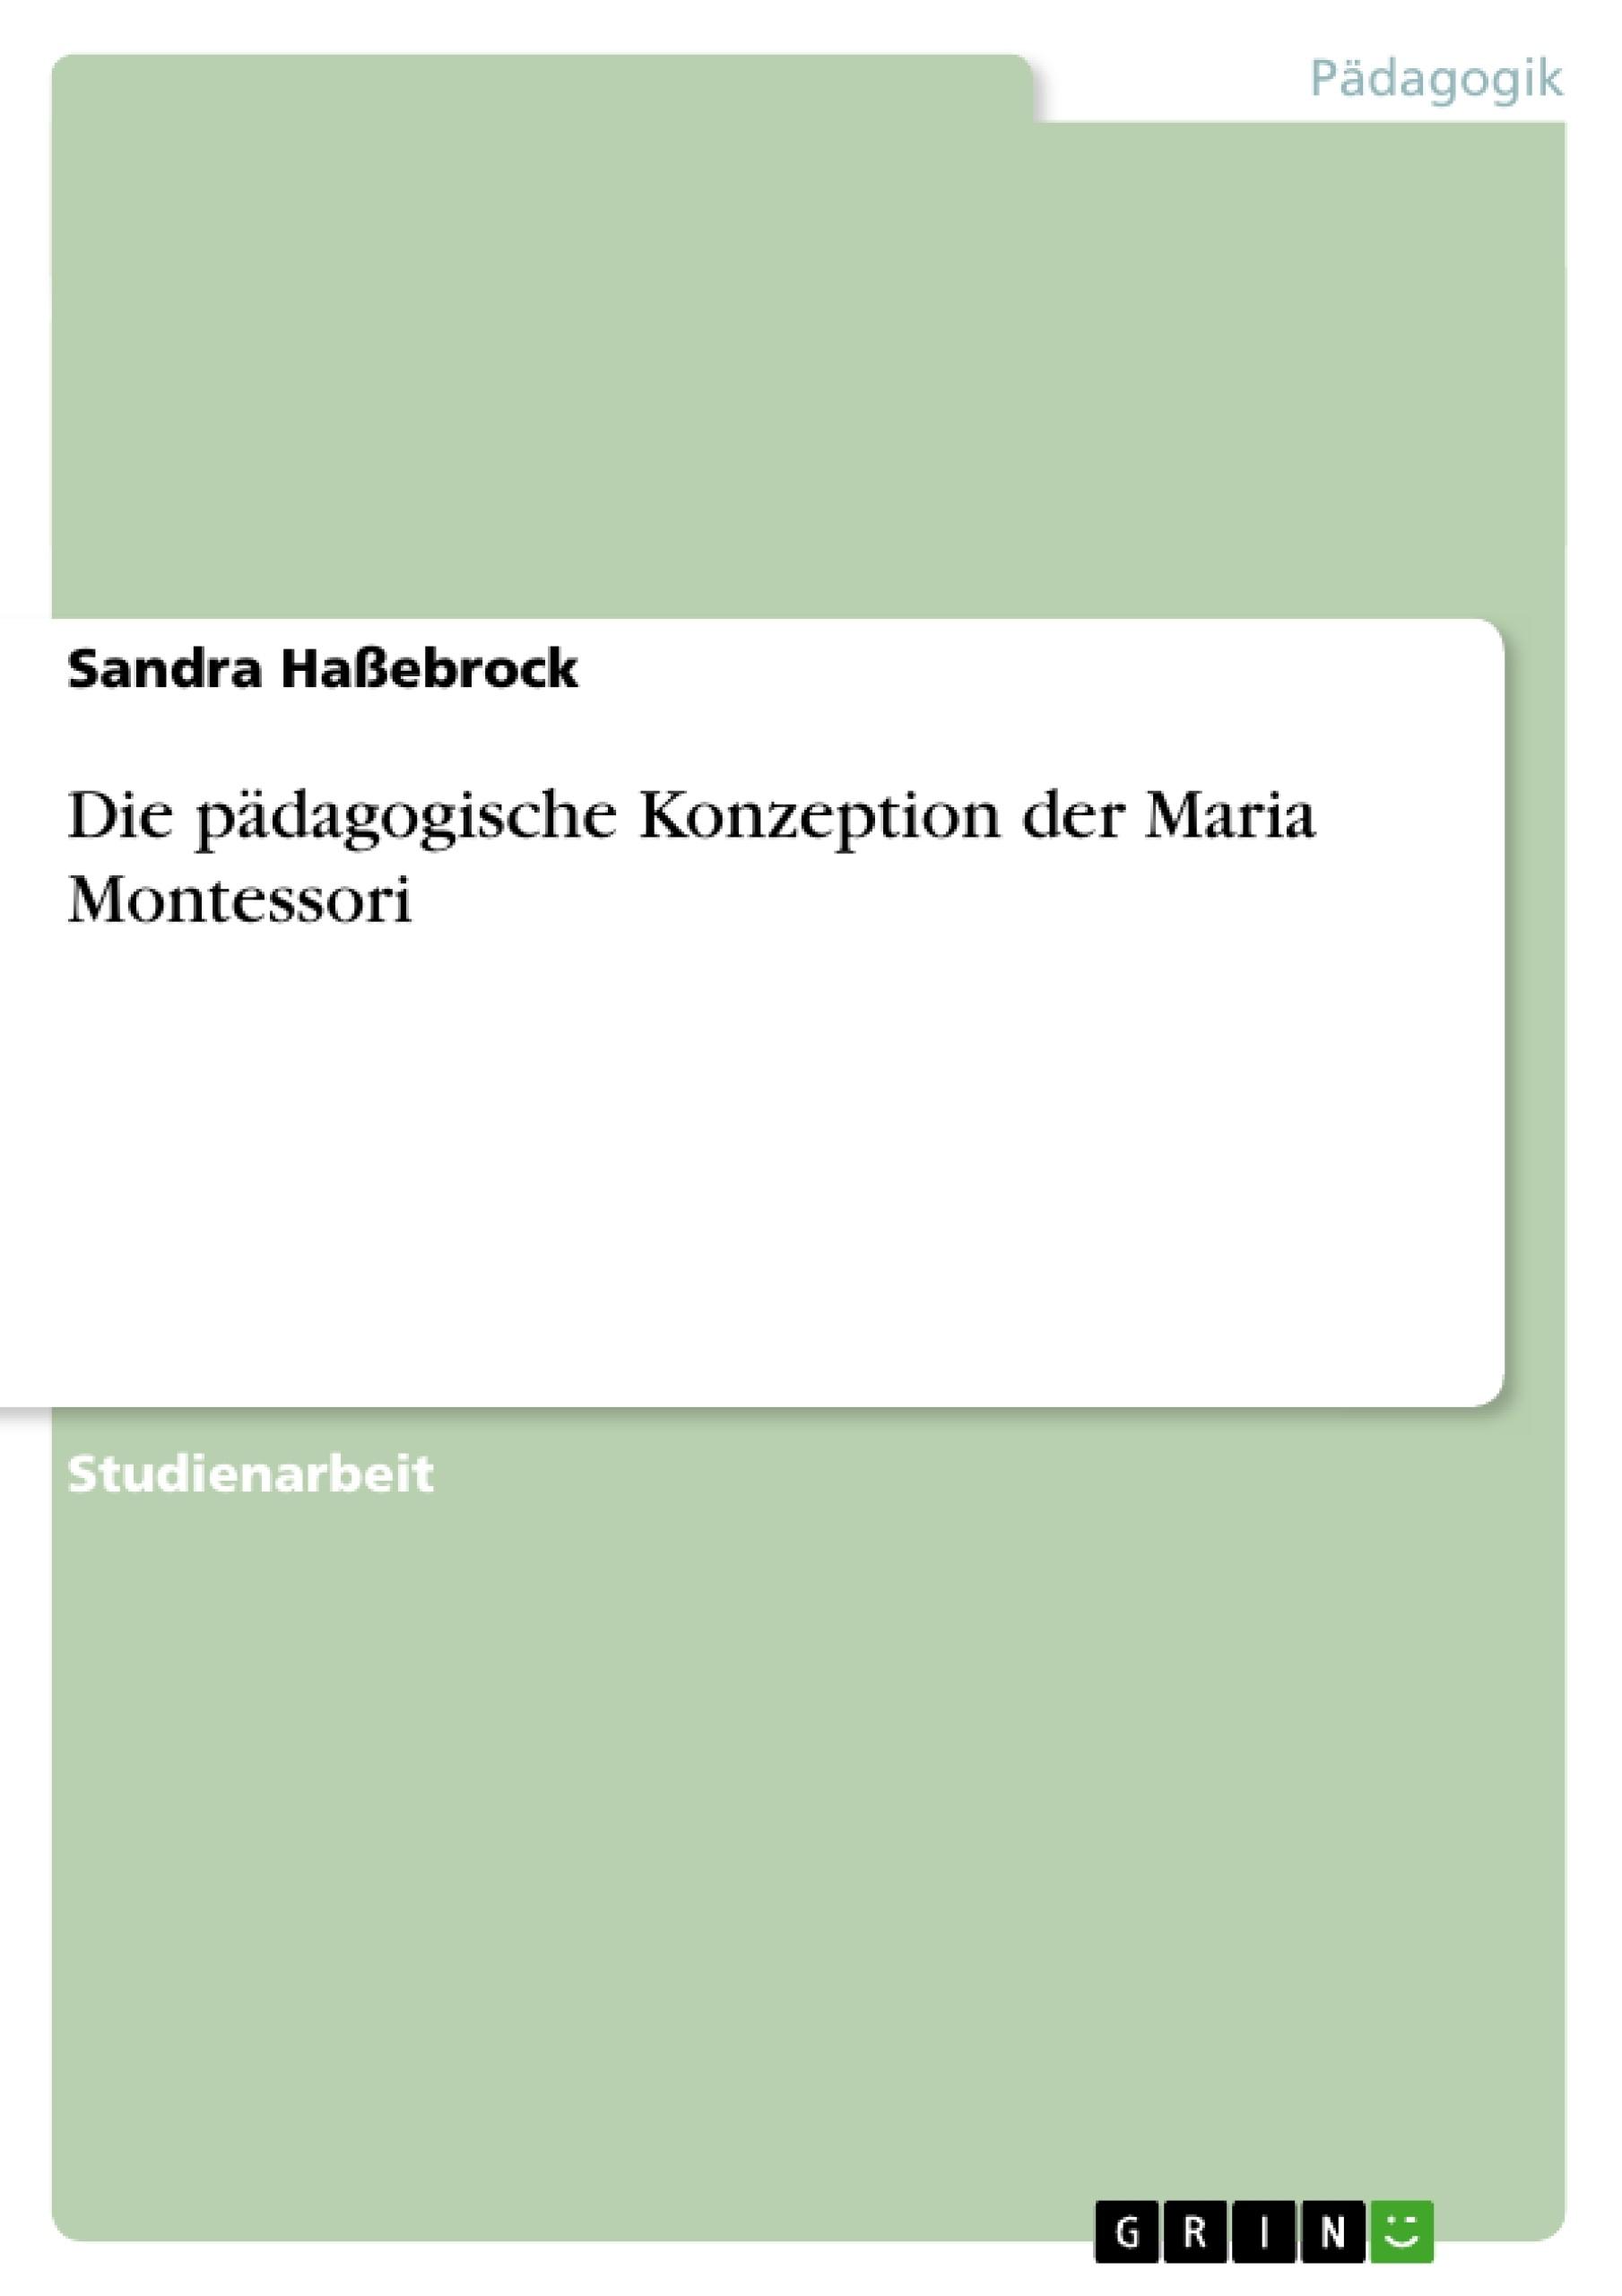 Titel: Die pädagogische Konzeption der Maria Montessori